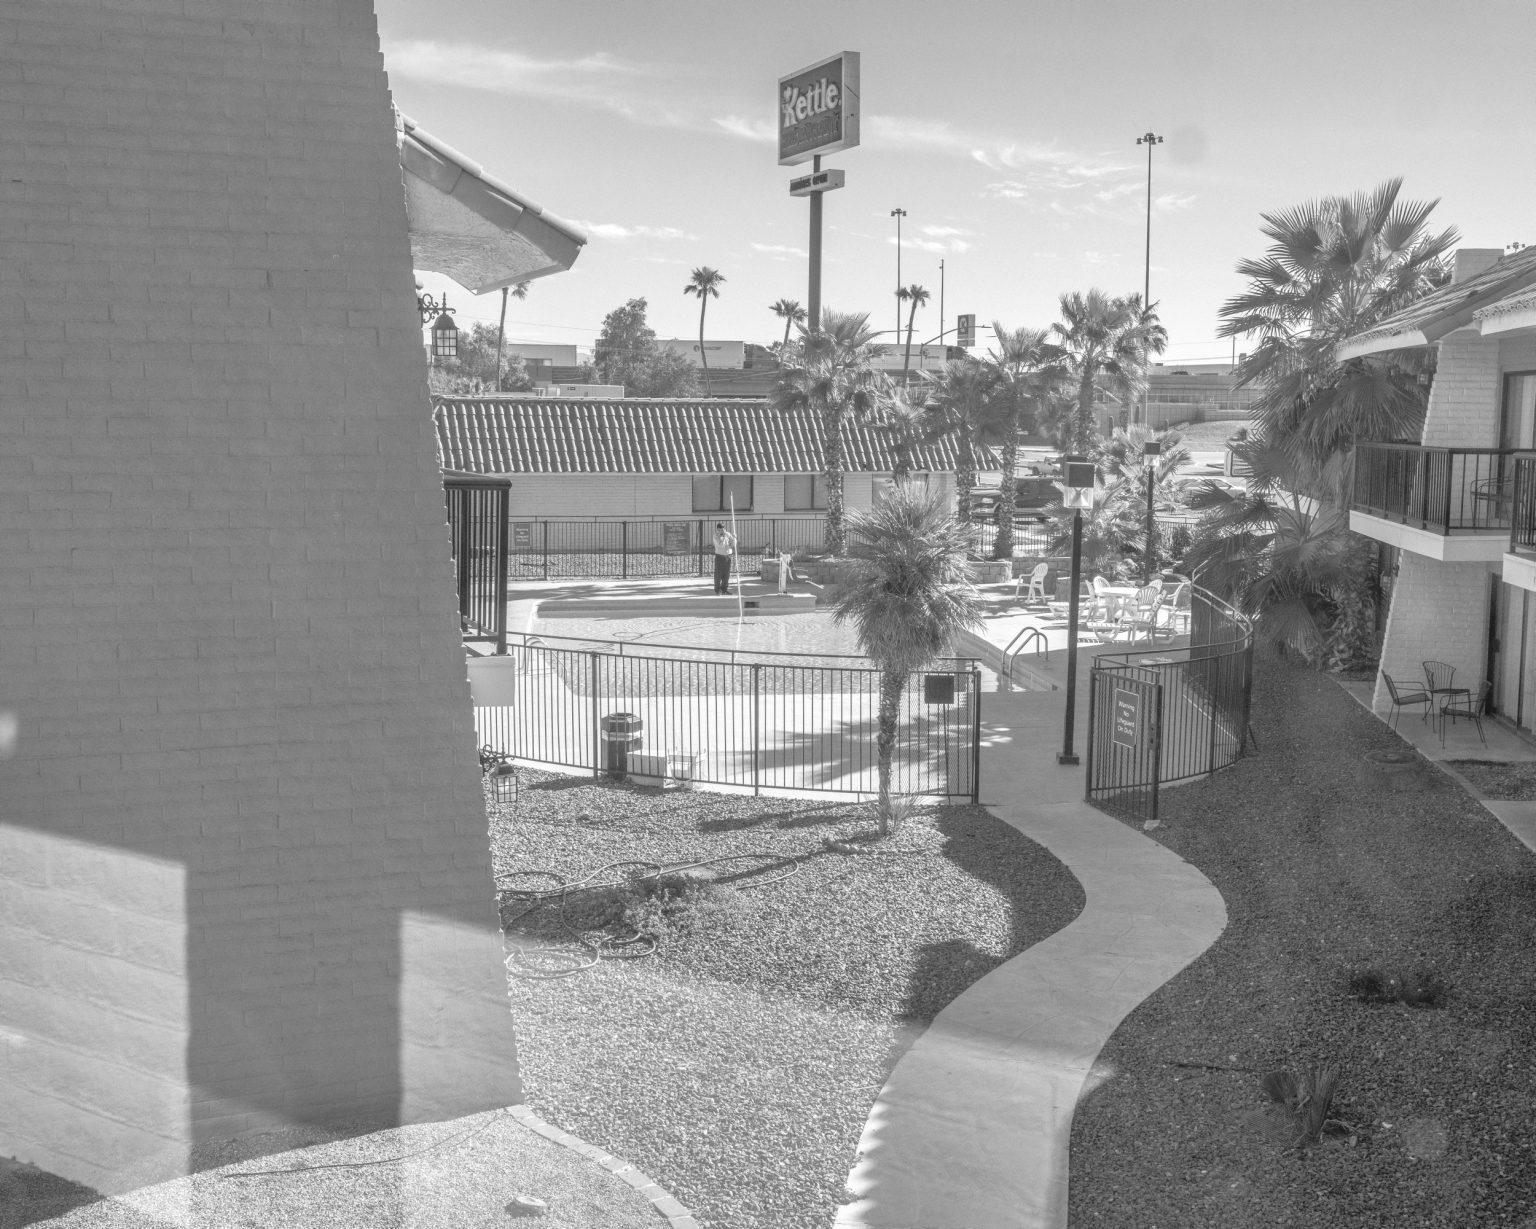 Motel. Tucson. December 2019